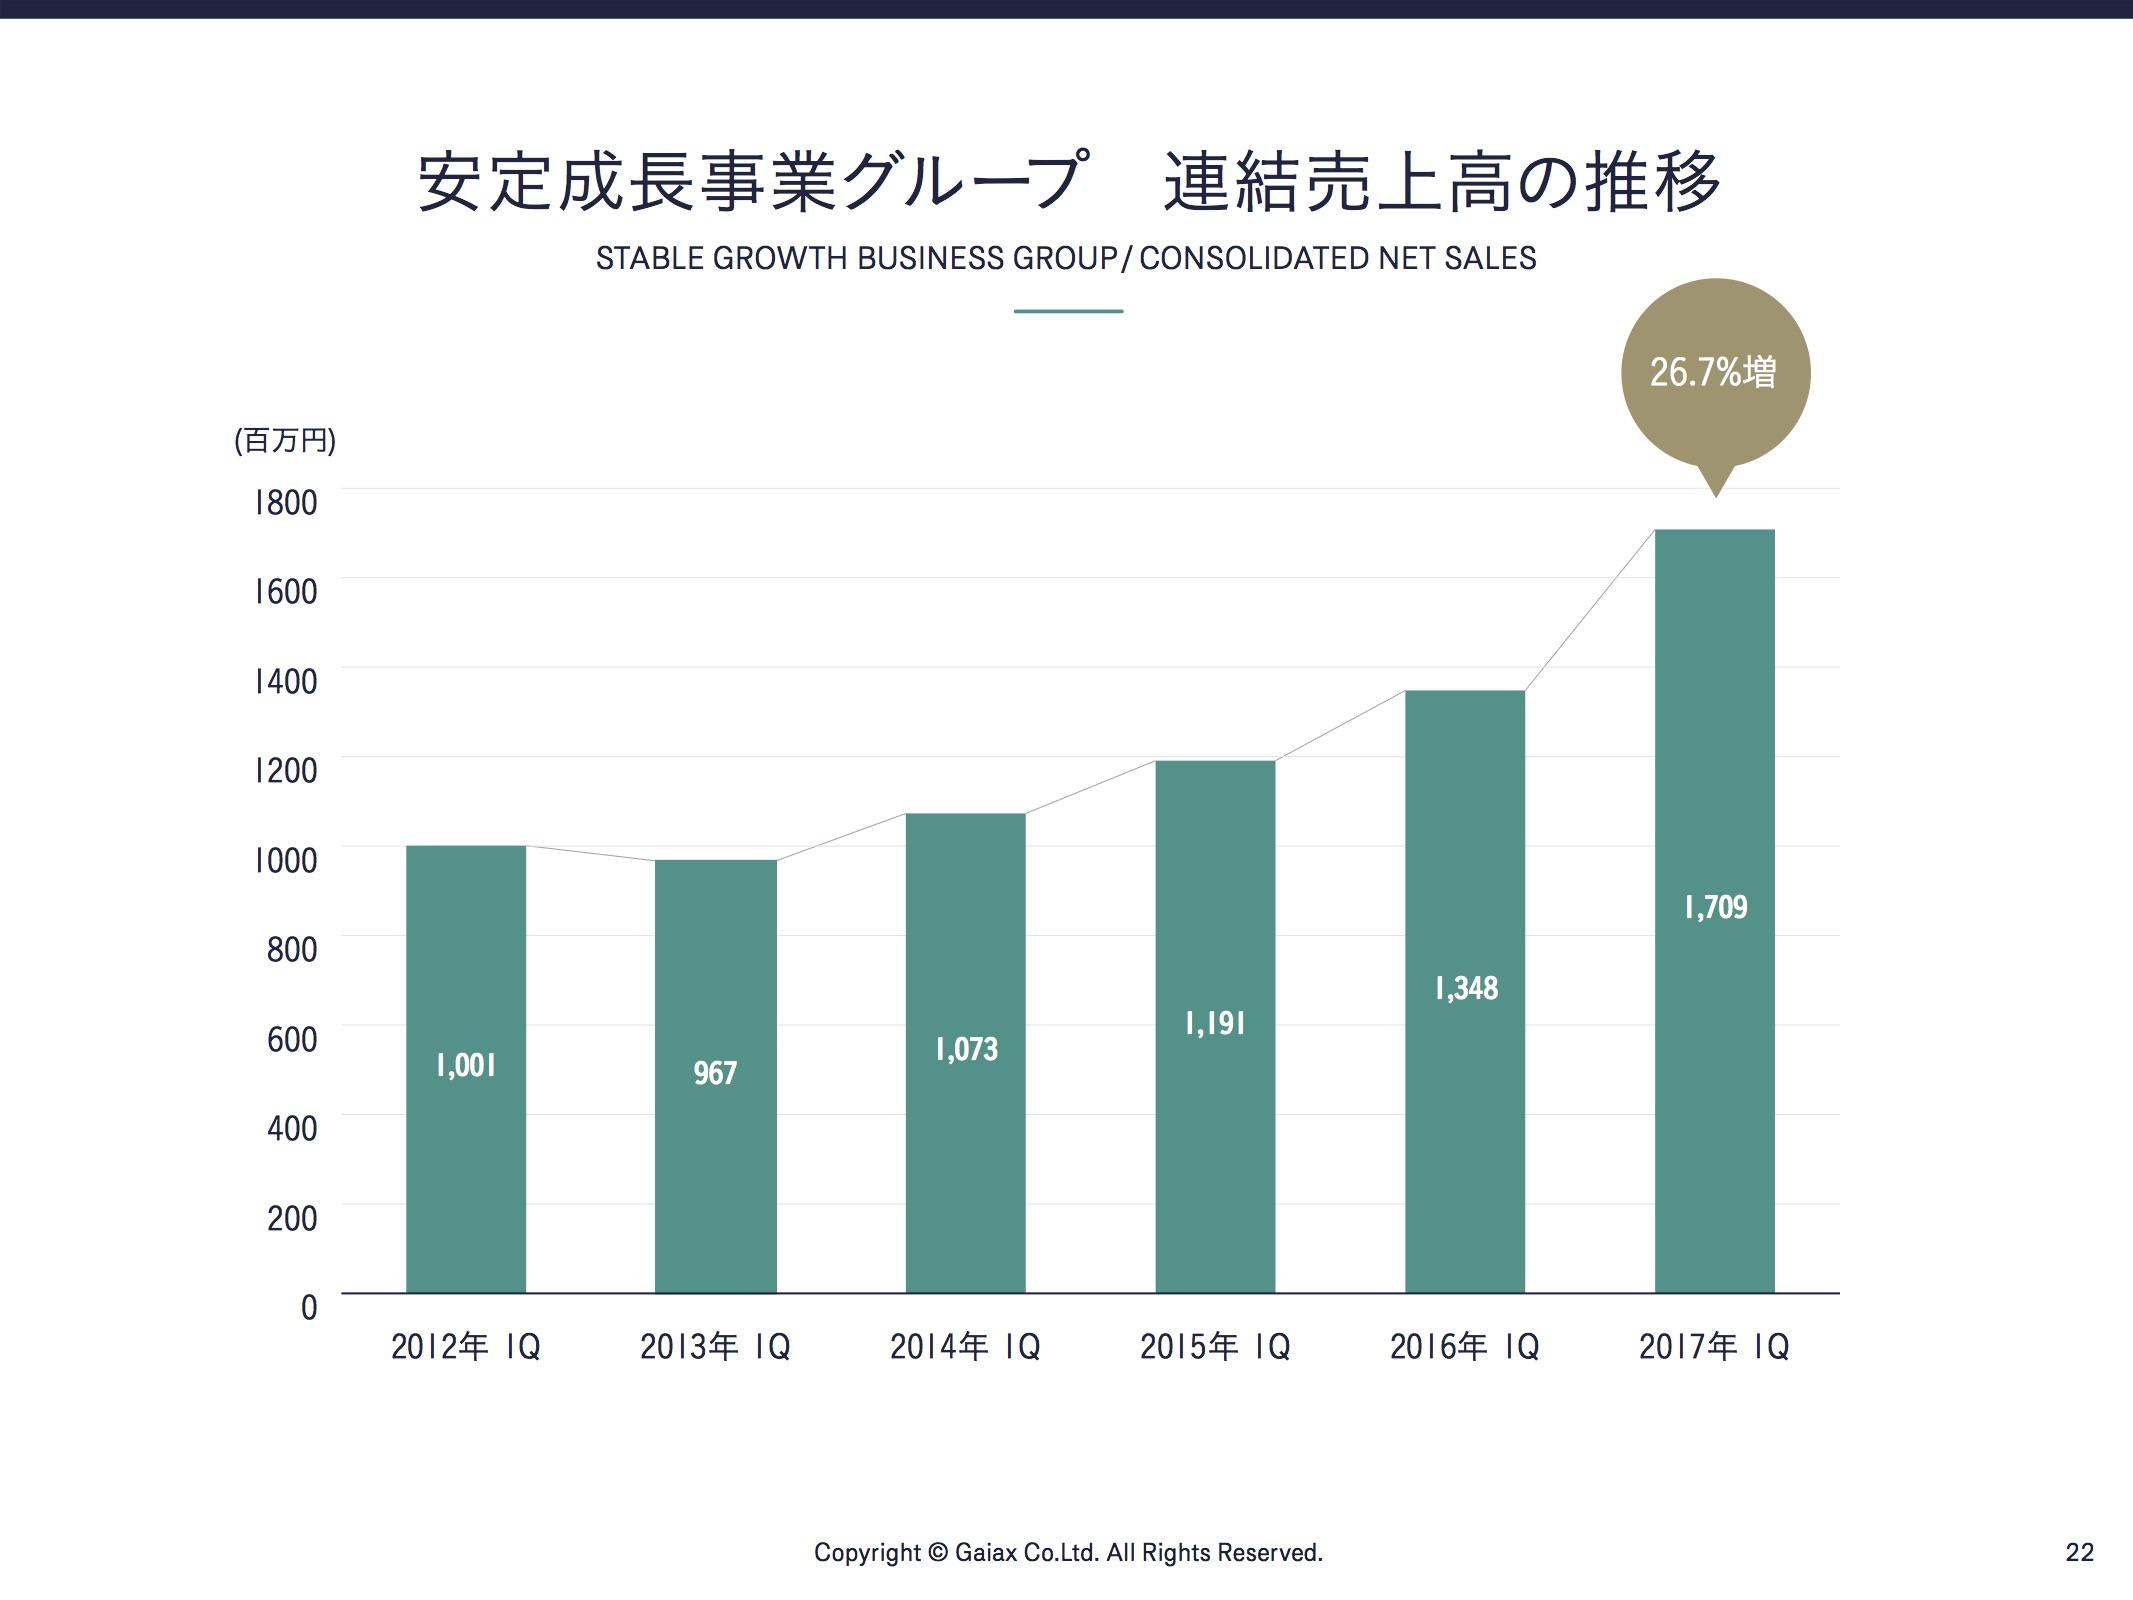 安定成長事業グループ 連結売上高の推移